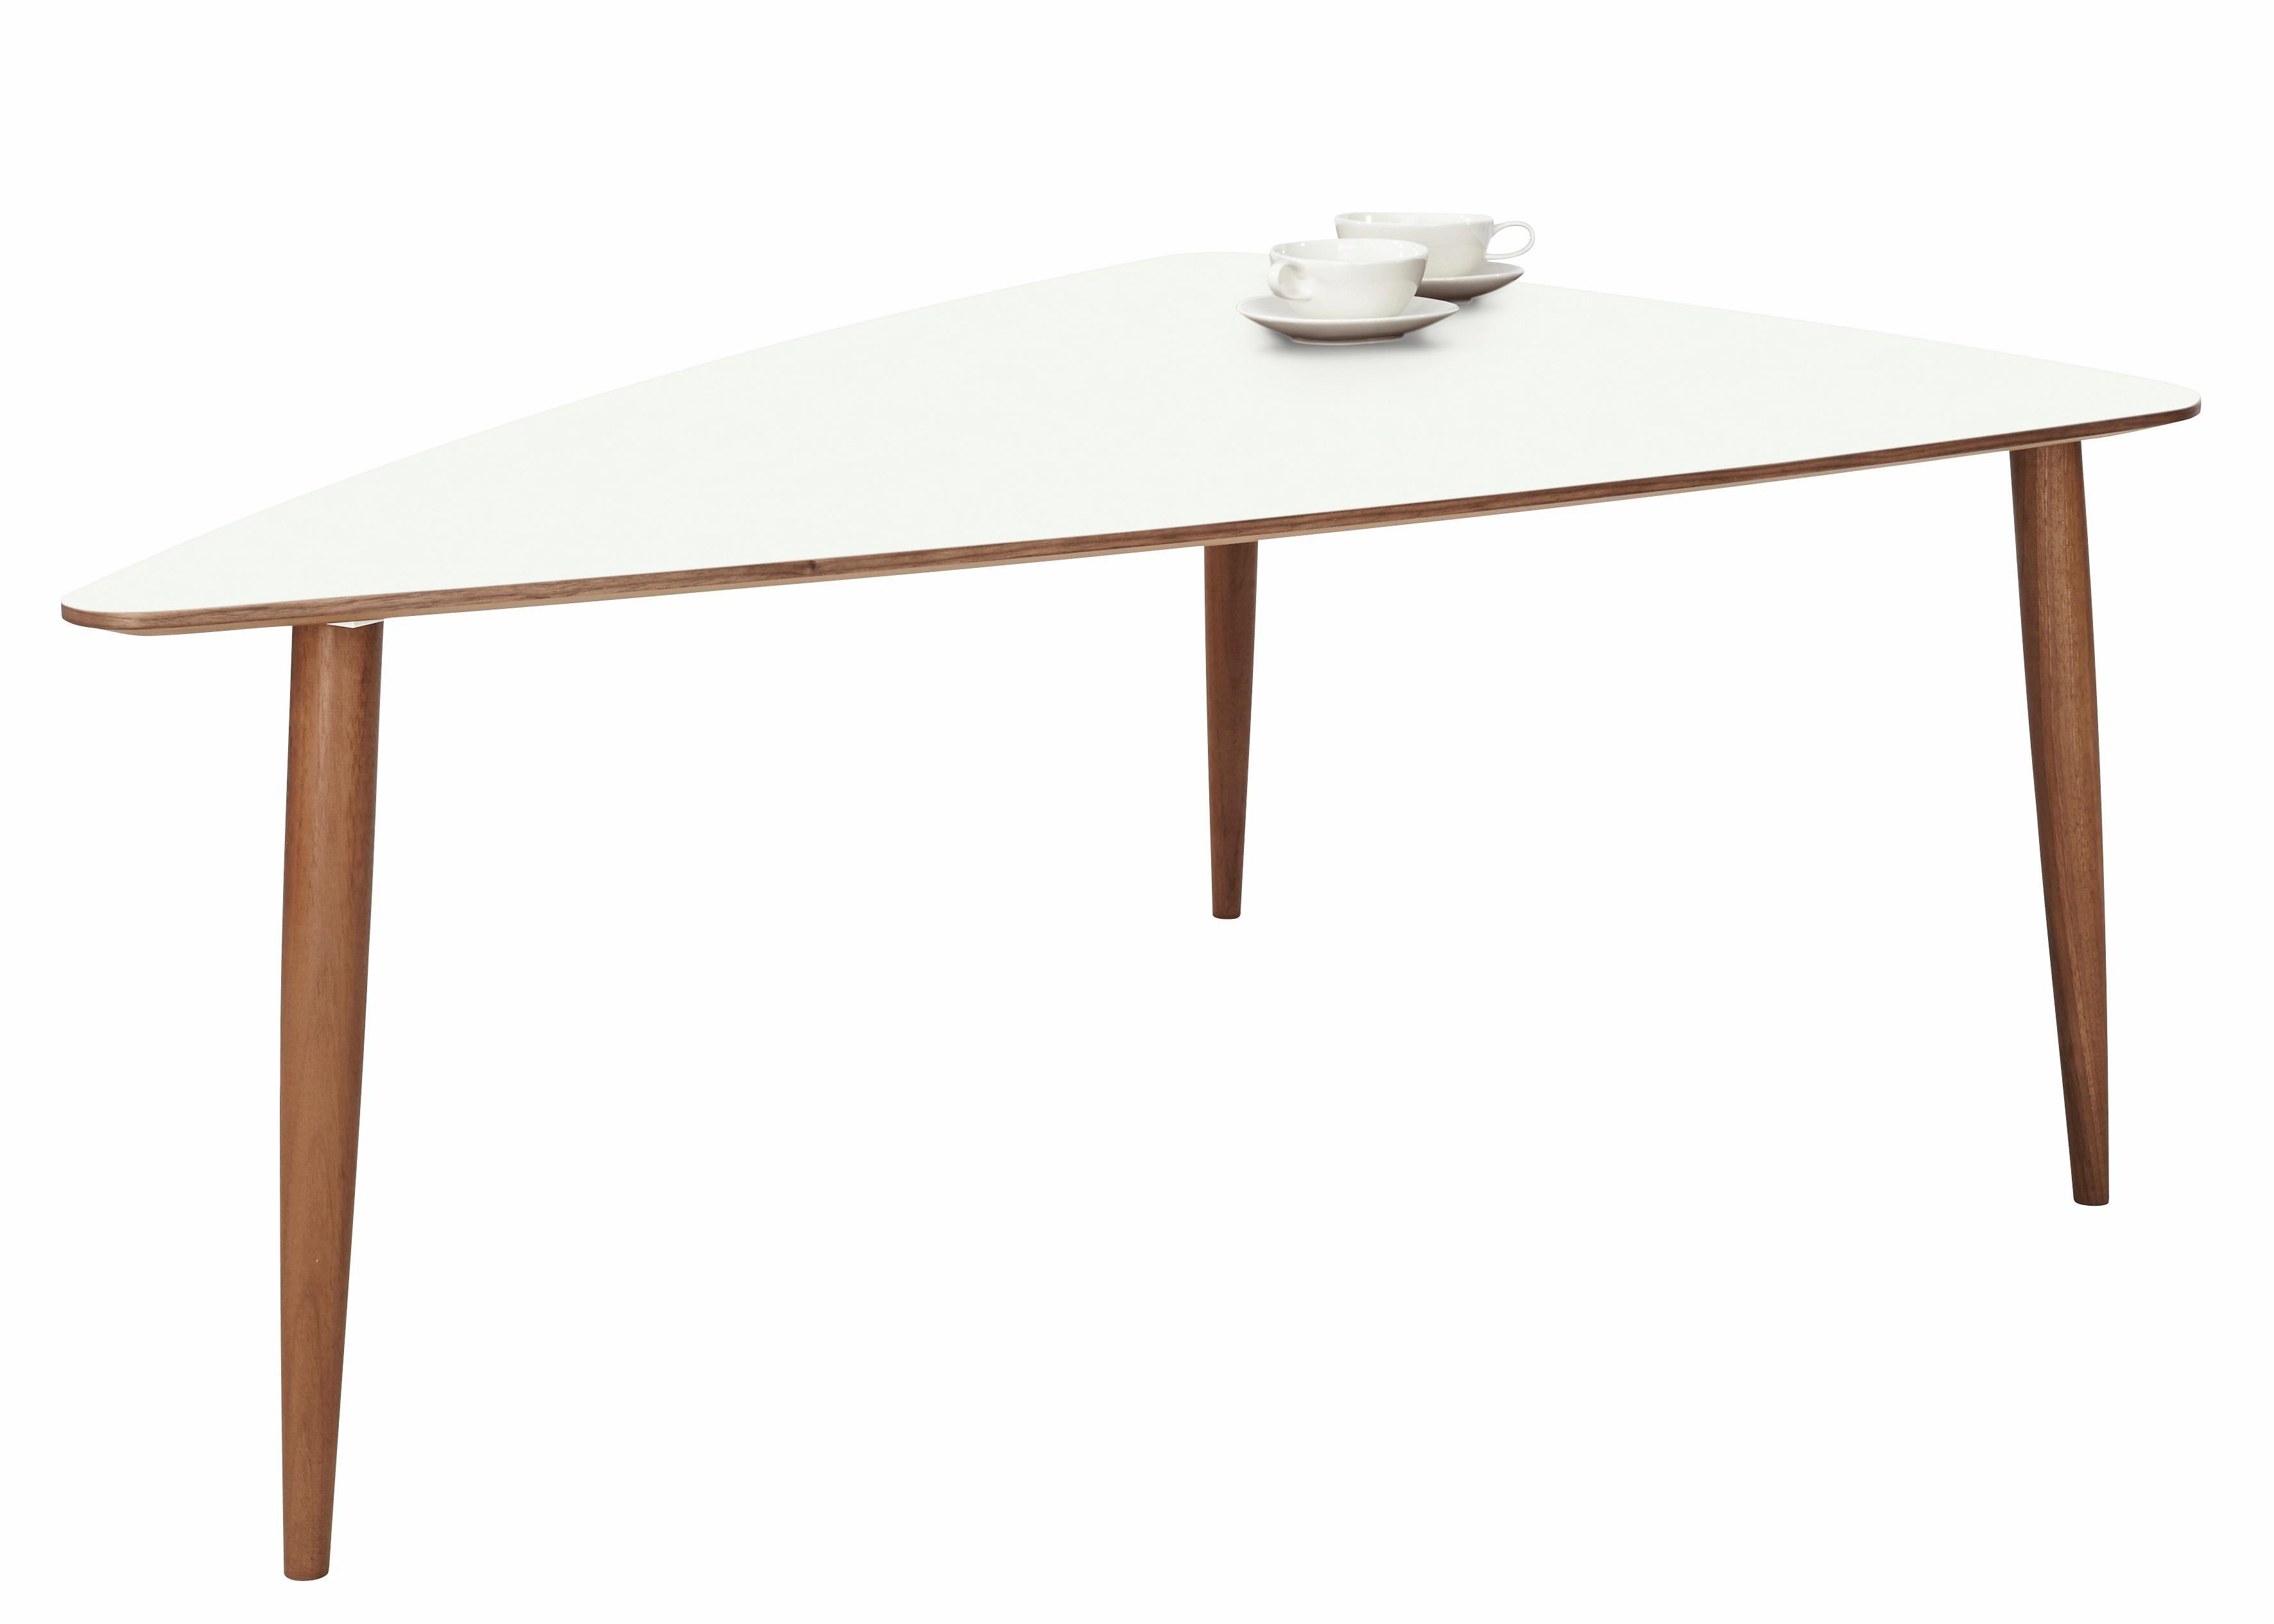 Image of andas Couchtisch »Mainsail«, walnut massiv in skandinavischem Design